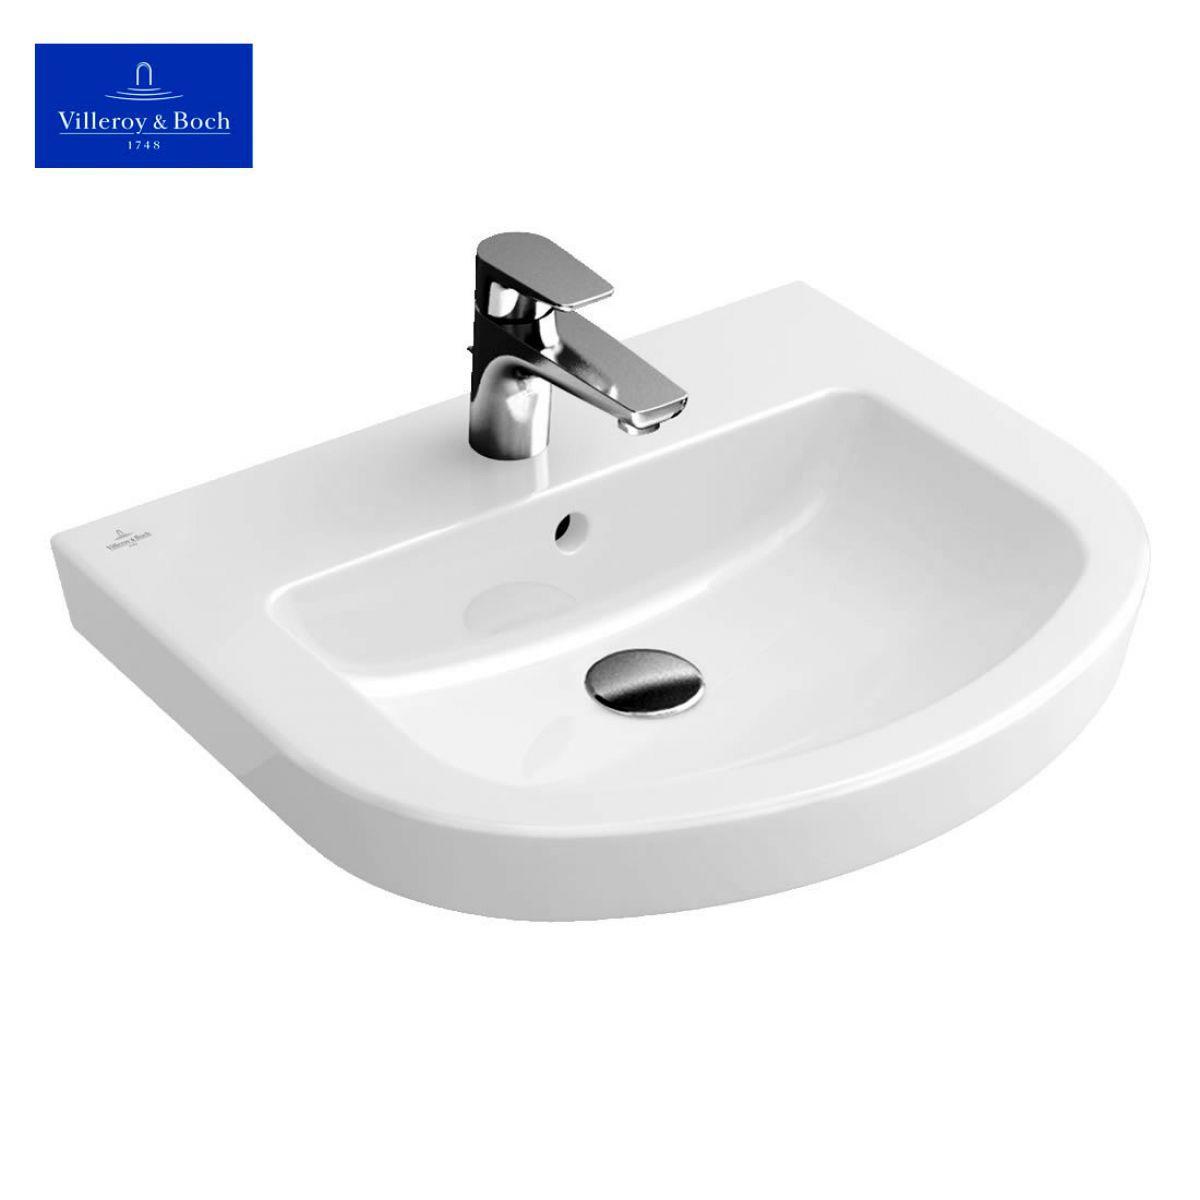 v b subway 2 0 curved countertop washbasin uk bathrooms. Black Bedroom Furniture Sets. Home Design Ideas